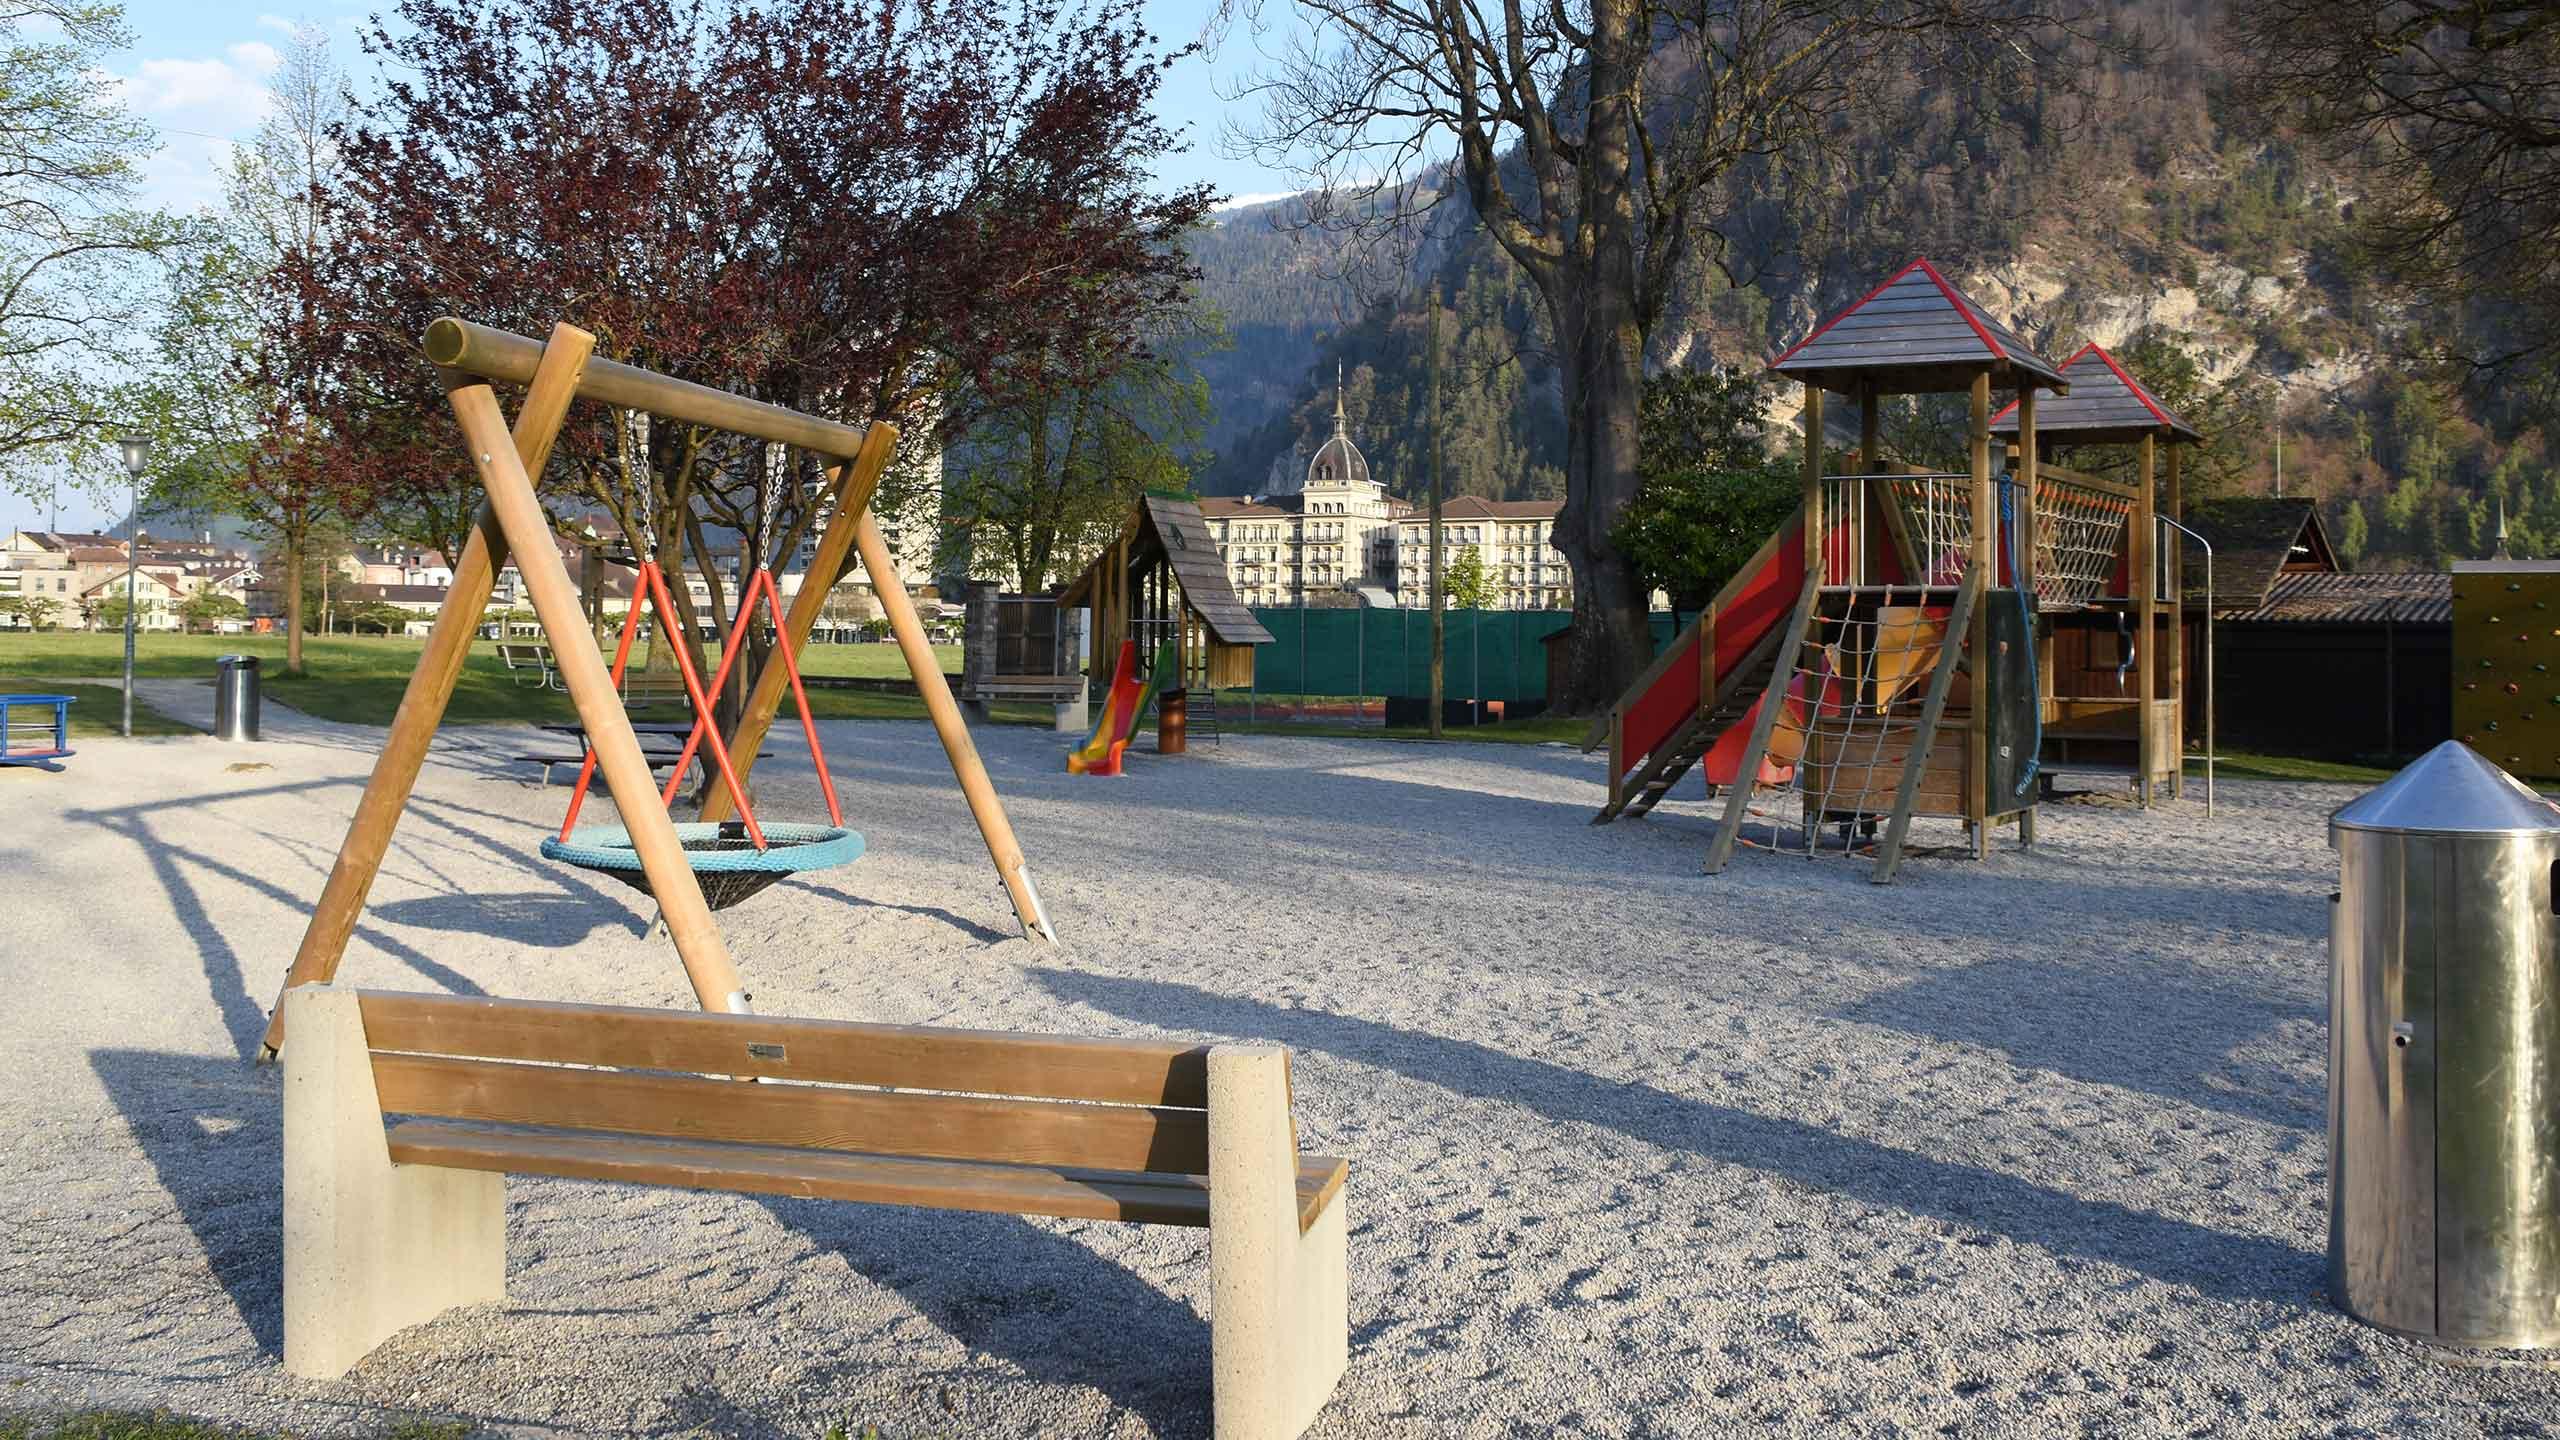 spielplatz-hoehematte-interlaken-gelaende-spielgeraete-rutschbahn.jpg